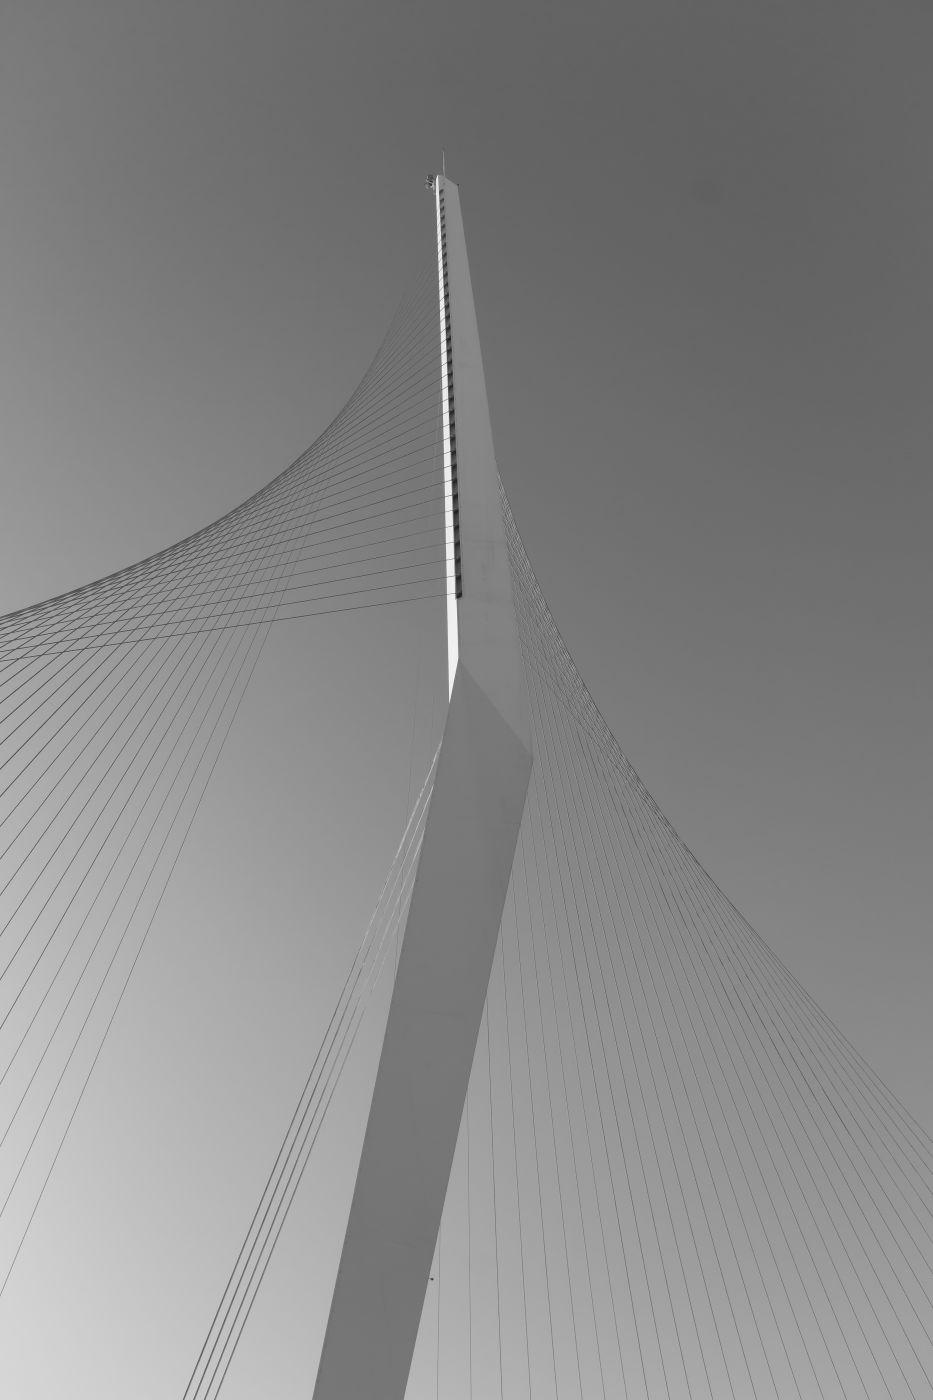 Chords Bridge, Israel